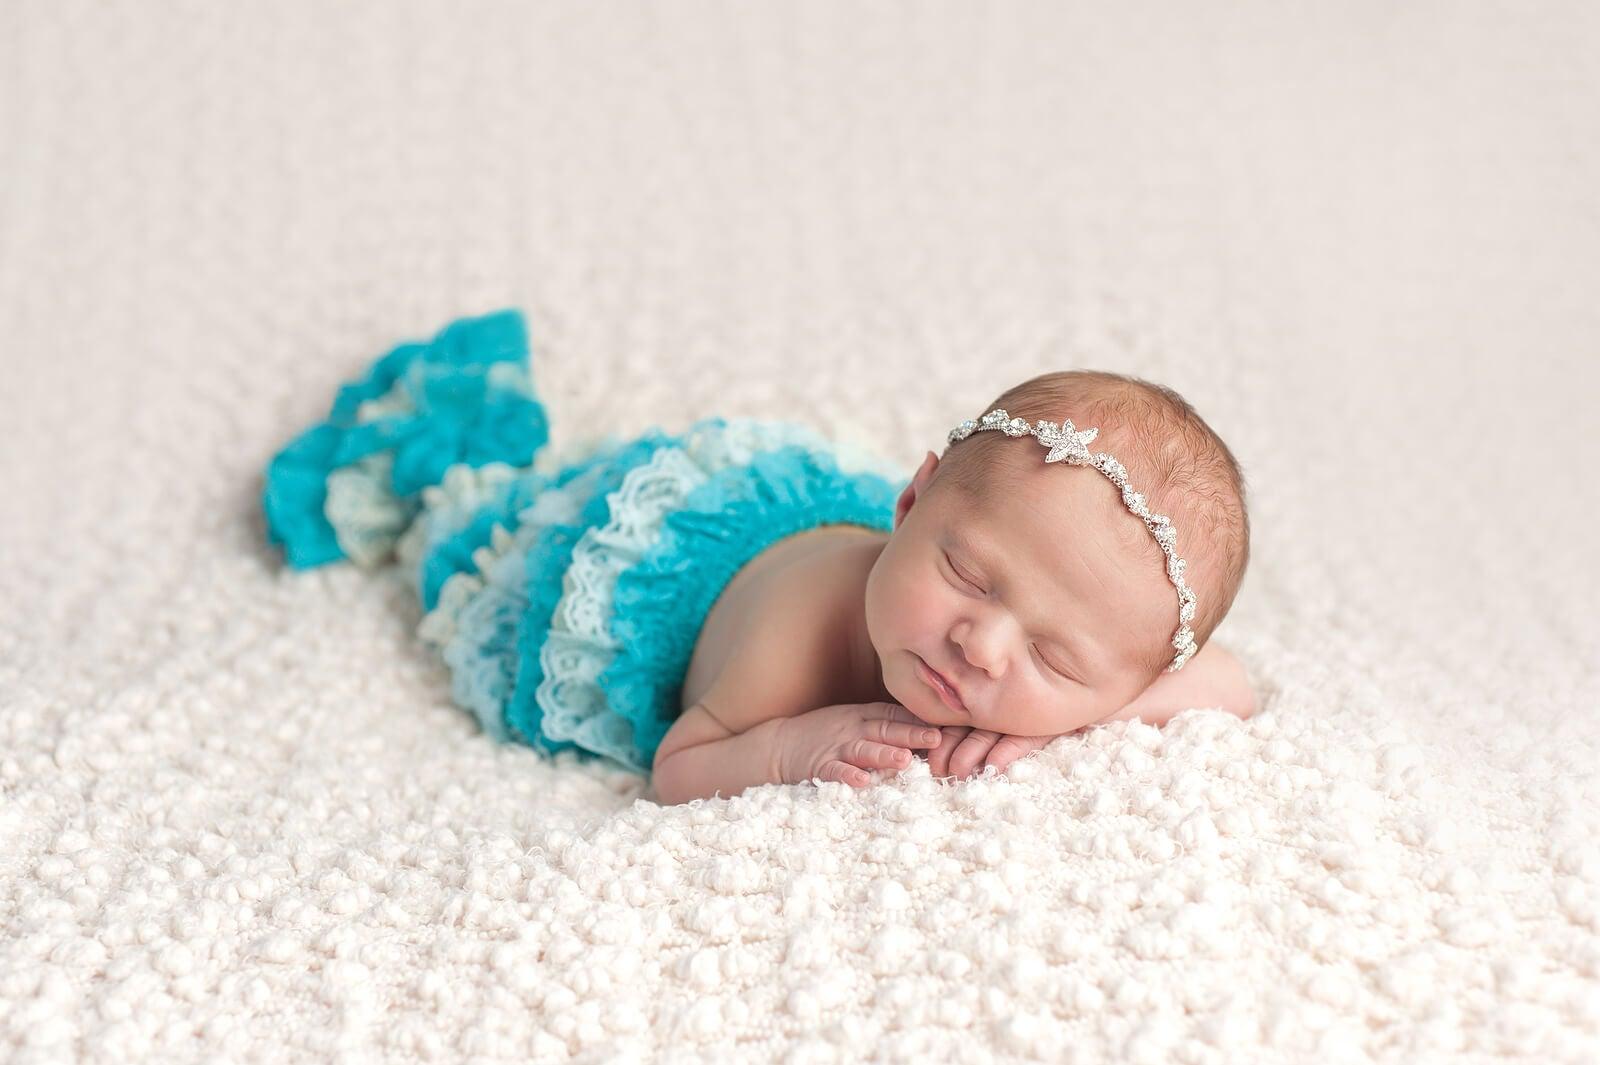 Bebé con un nombre inspirado en el mar disfrazada de sirena.